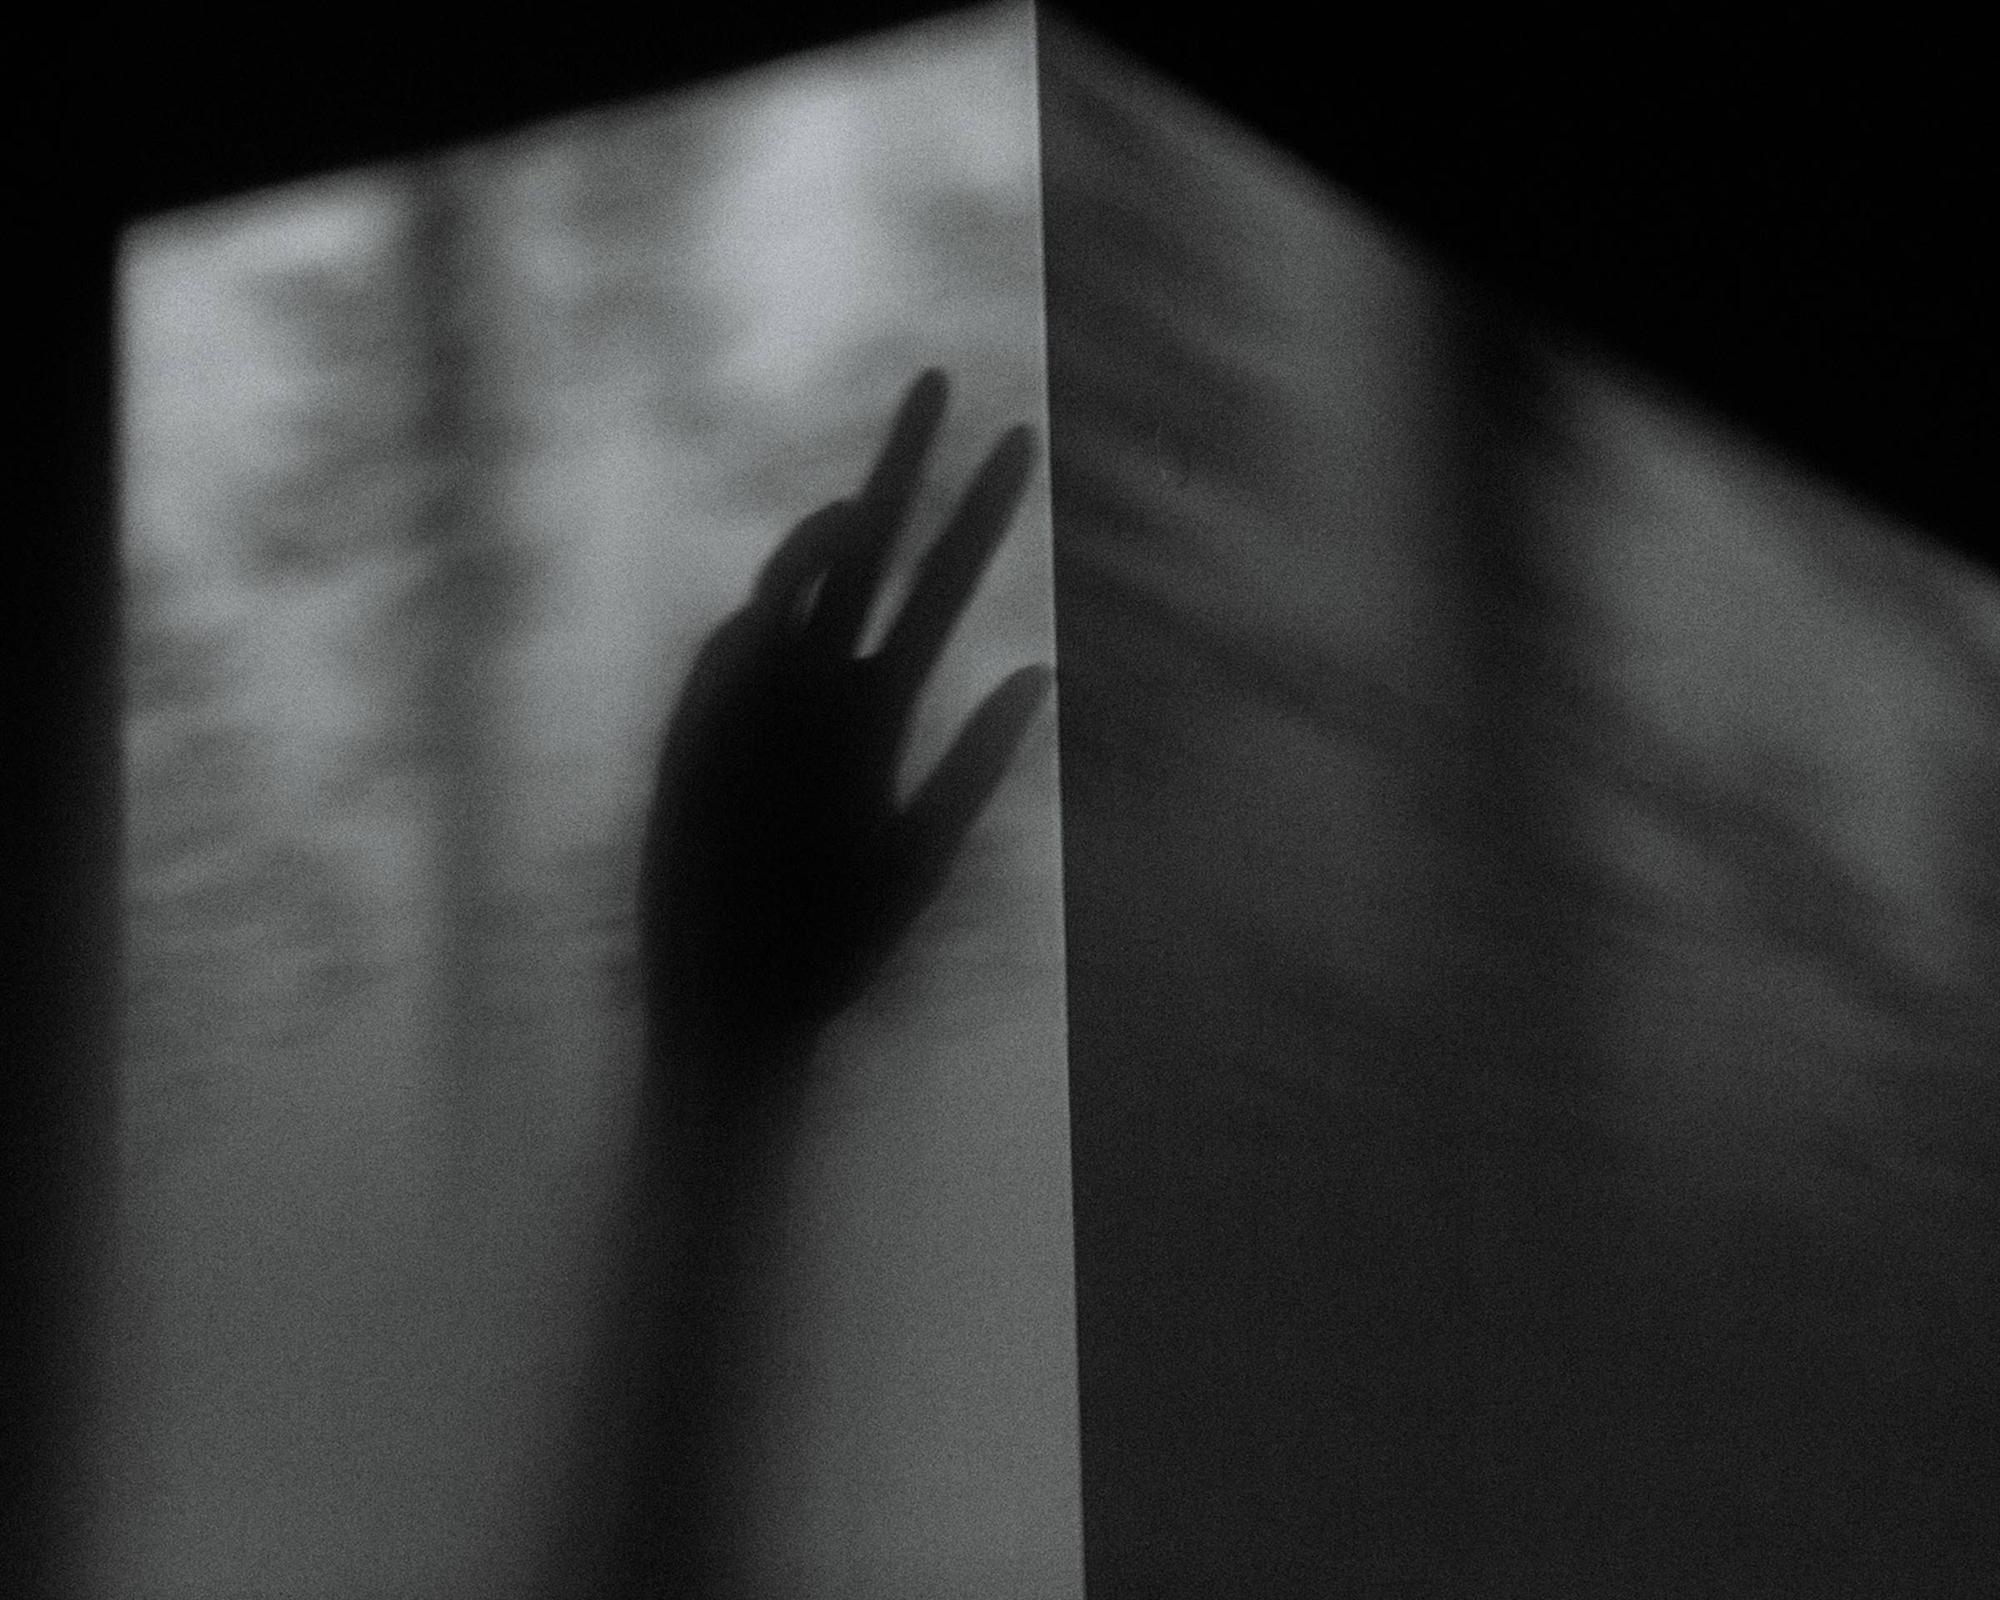 Nhật ký qua ảnh đầy xúc cảm của nữ y tá bị cưỡng hiếp và phải tự mình tìm lấy ánh sáng giữa hố sâu tăm tối-2